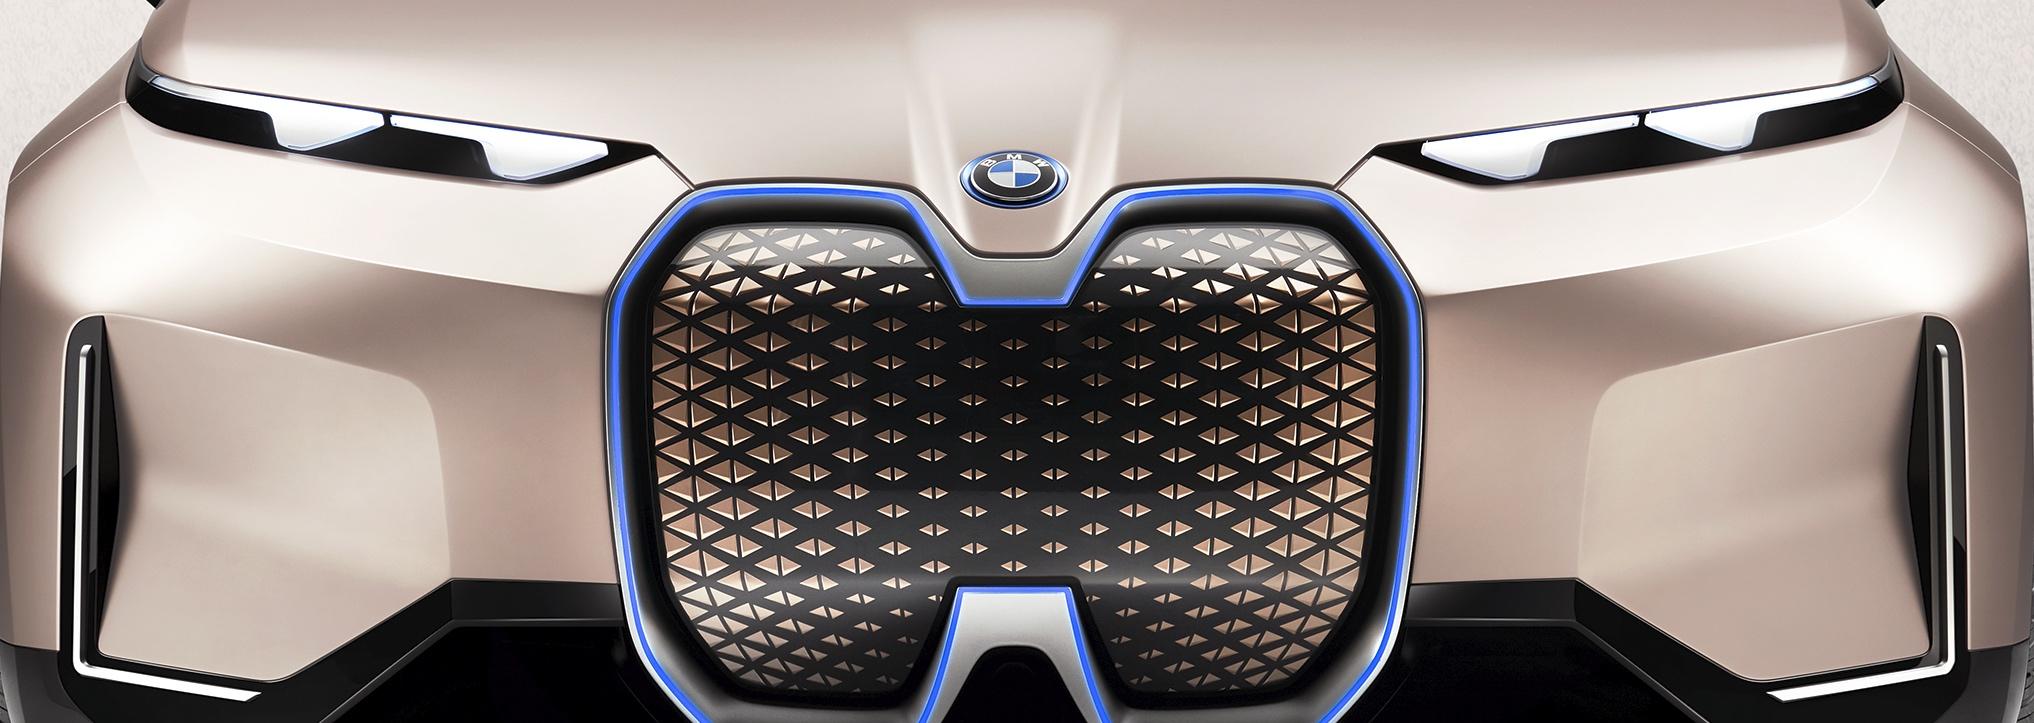 Estreno mundial del BMW Vision iNEXT en el Auto Show de Los Angeles